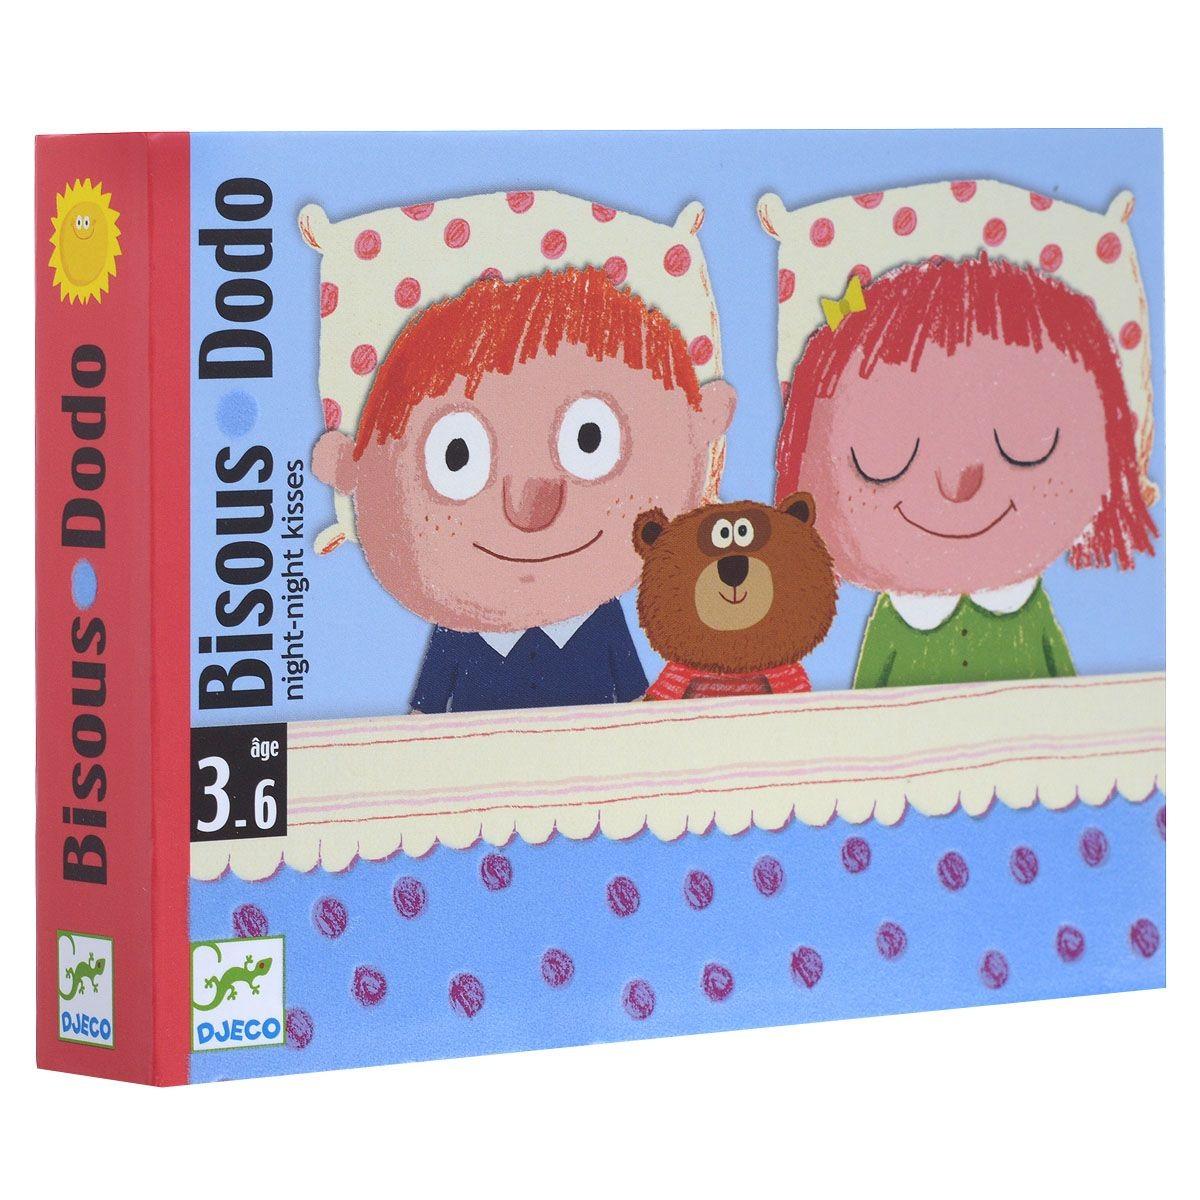 Детская настольная карточная игра - ДодоДля самых маленьких<br>Детская настольная карточная игра - Додо<br>